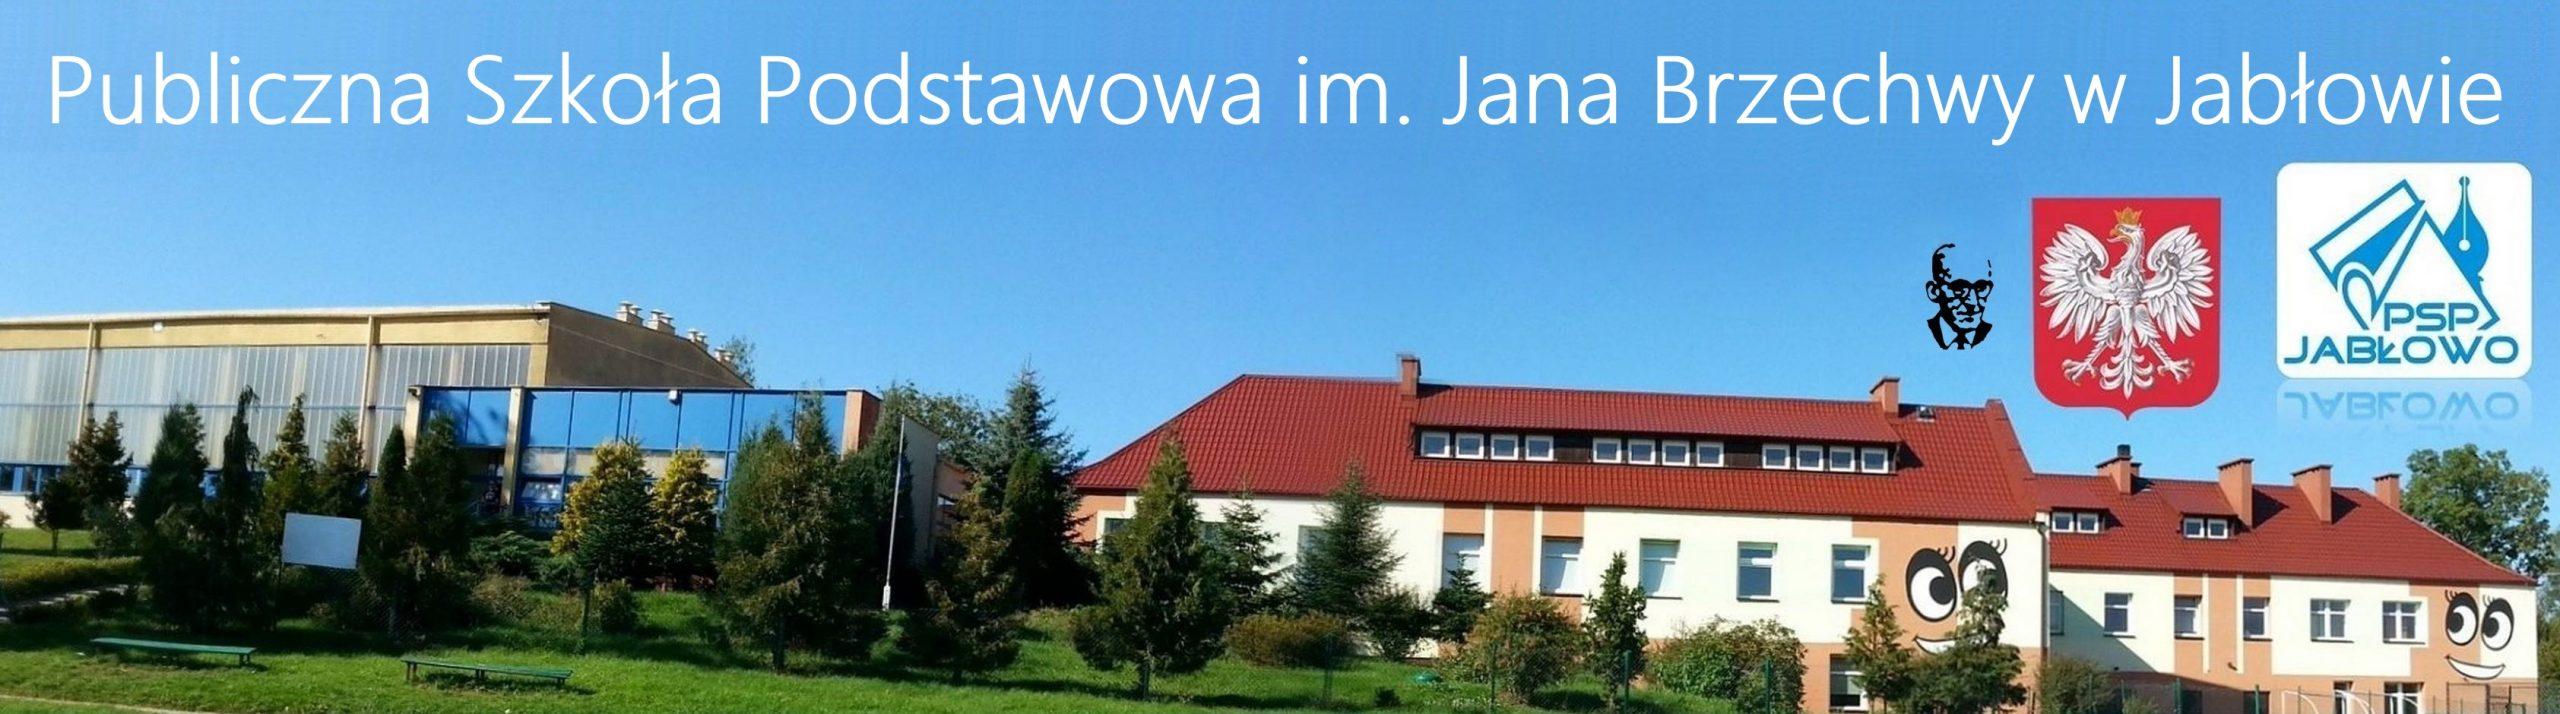 Publiczna Szkoła Podstawowa w Jabłowie im. Jana Brzechwy